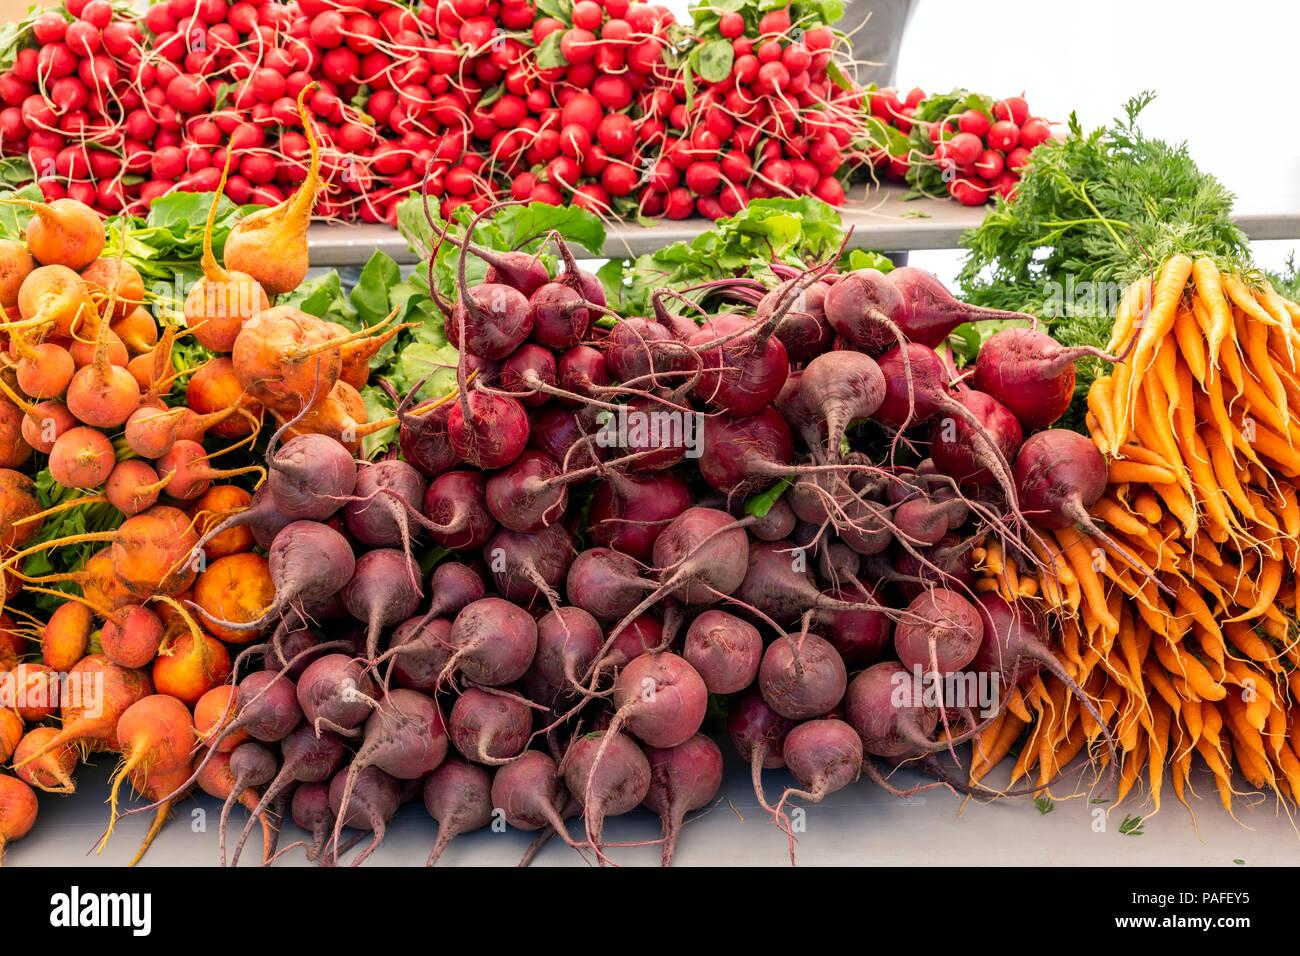 I fornitori a vendere verdure fresche, produrre e altri elementi a un lavoro stagionale mercato degli agricoltori nel piccolo paese di montagna di salida, Colorado, STATI UNITI D'AMERICA Immagini Stock